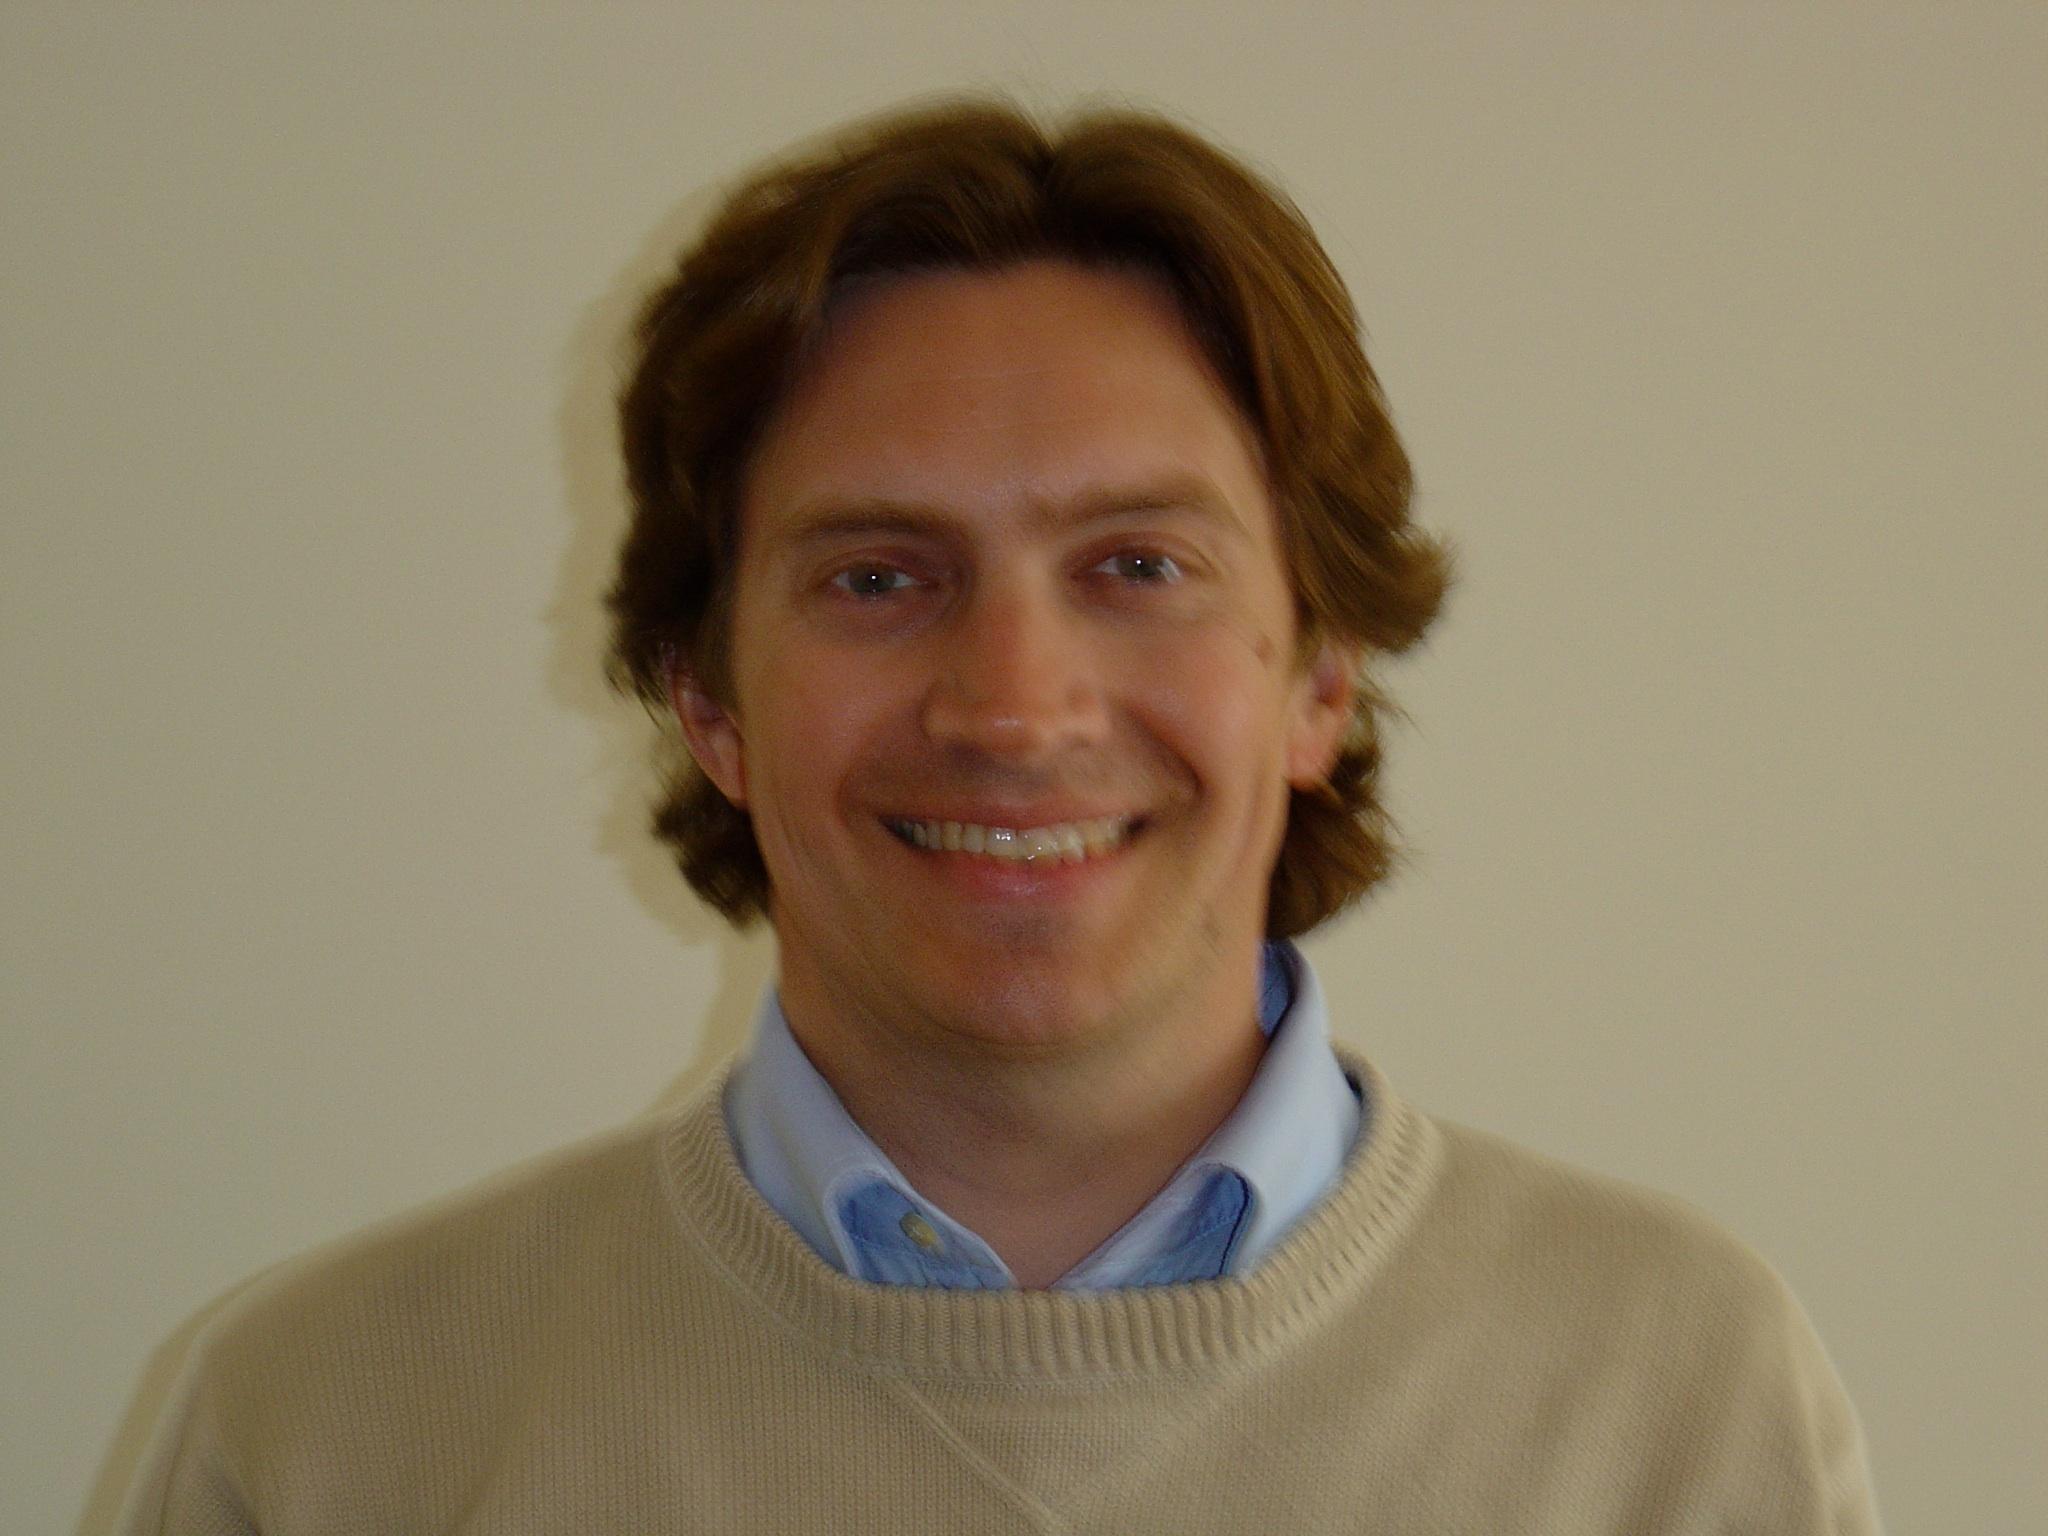 Christian Norgaard